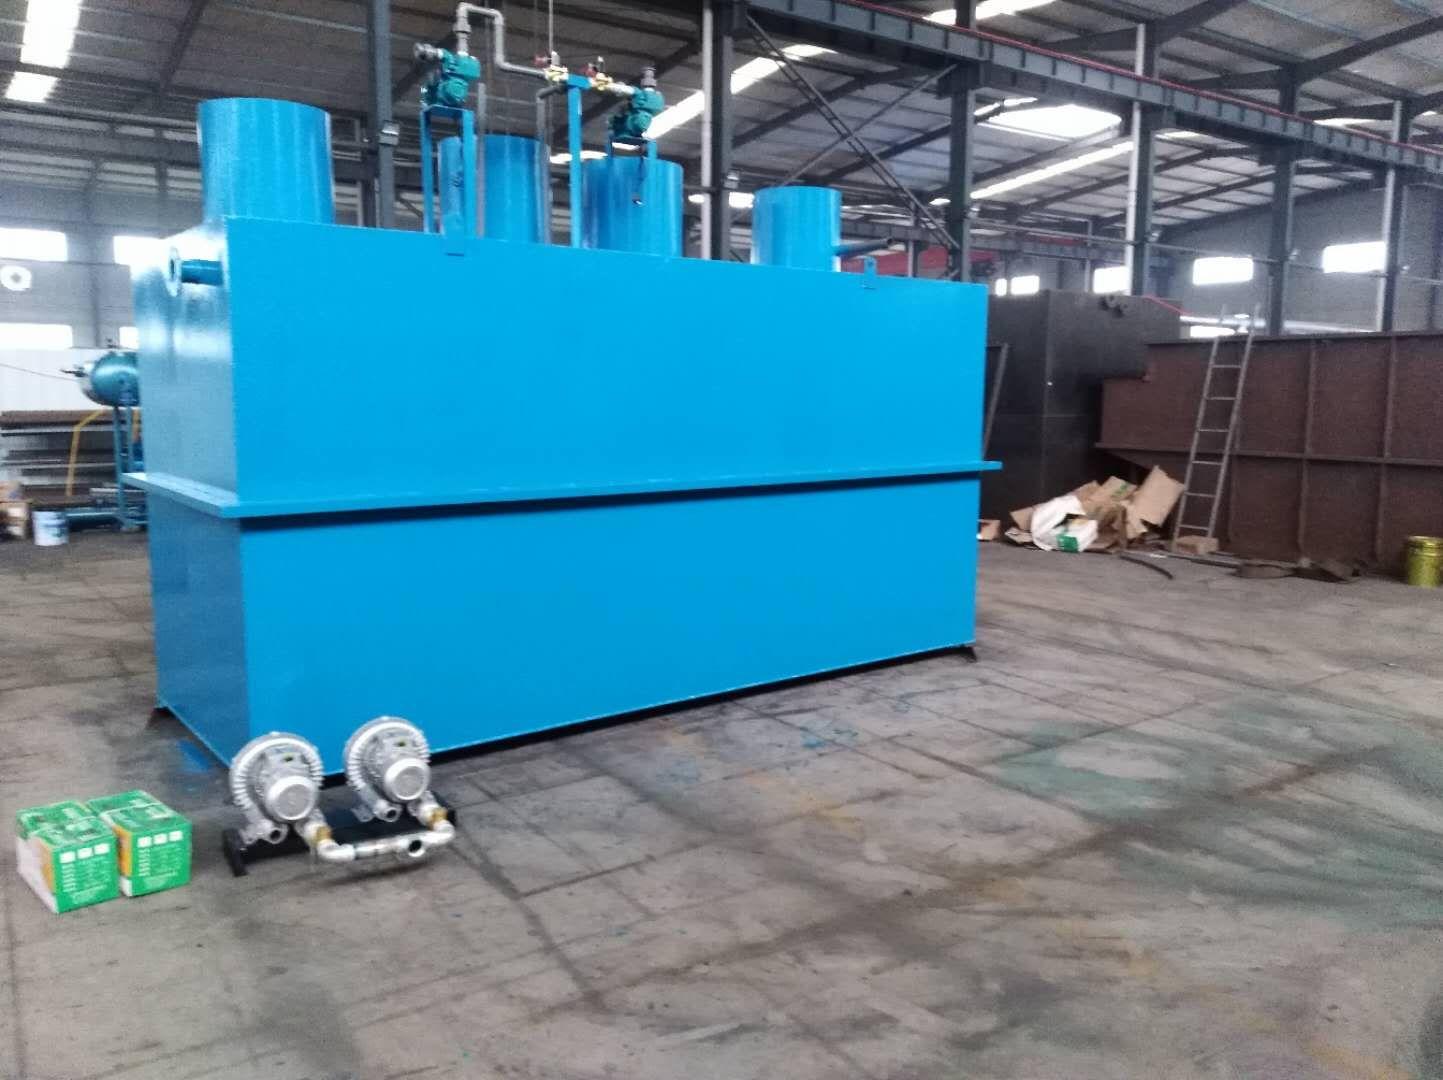 淀粉污水处理设备,淀粉污水处理设备制造,淀粉污水处理设备订做